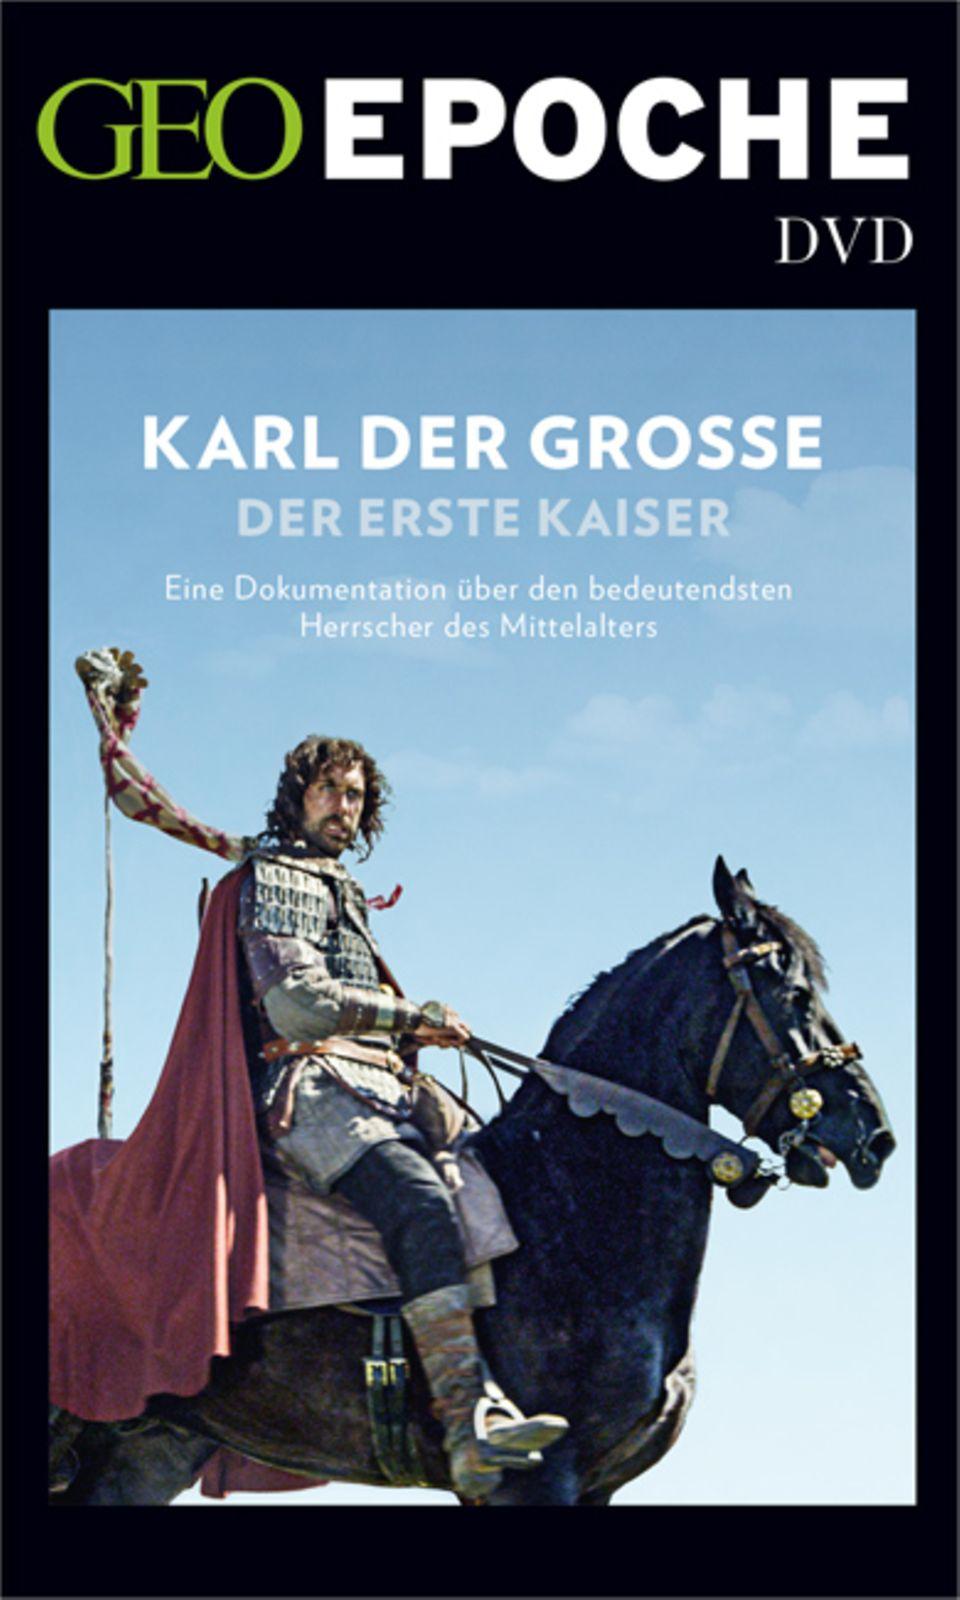 Karl der Große: Die DVD zum Heft: Eine Dokumentation über den bedeutendsten Herrscher des Mittelalters